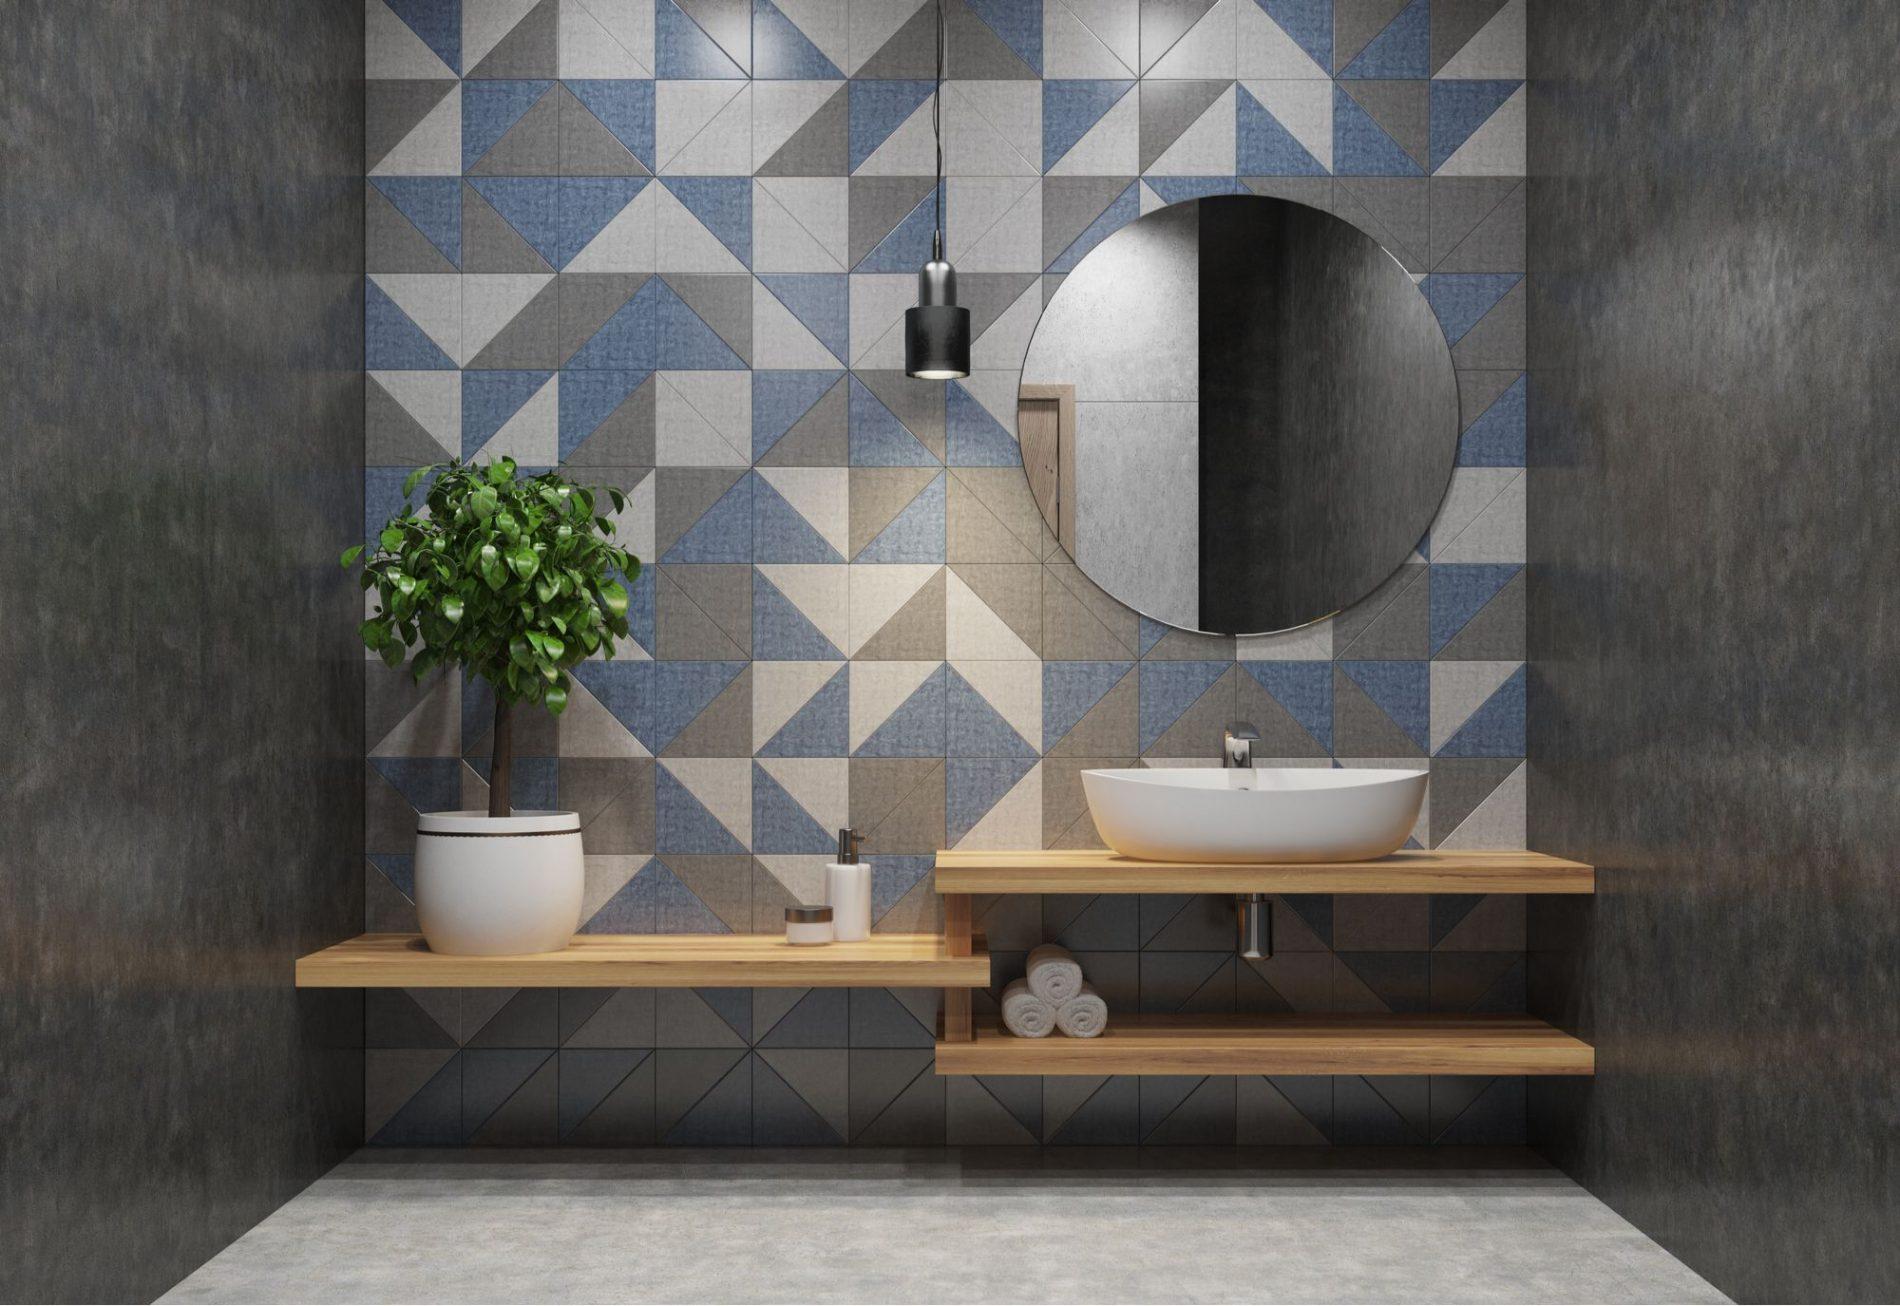 Quelle peinture choisir pour de la fa ence de salle de bains Peinture sur faience salle de bain